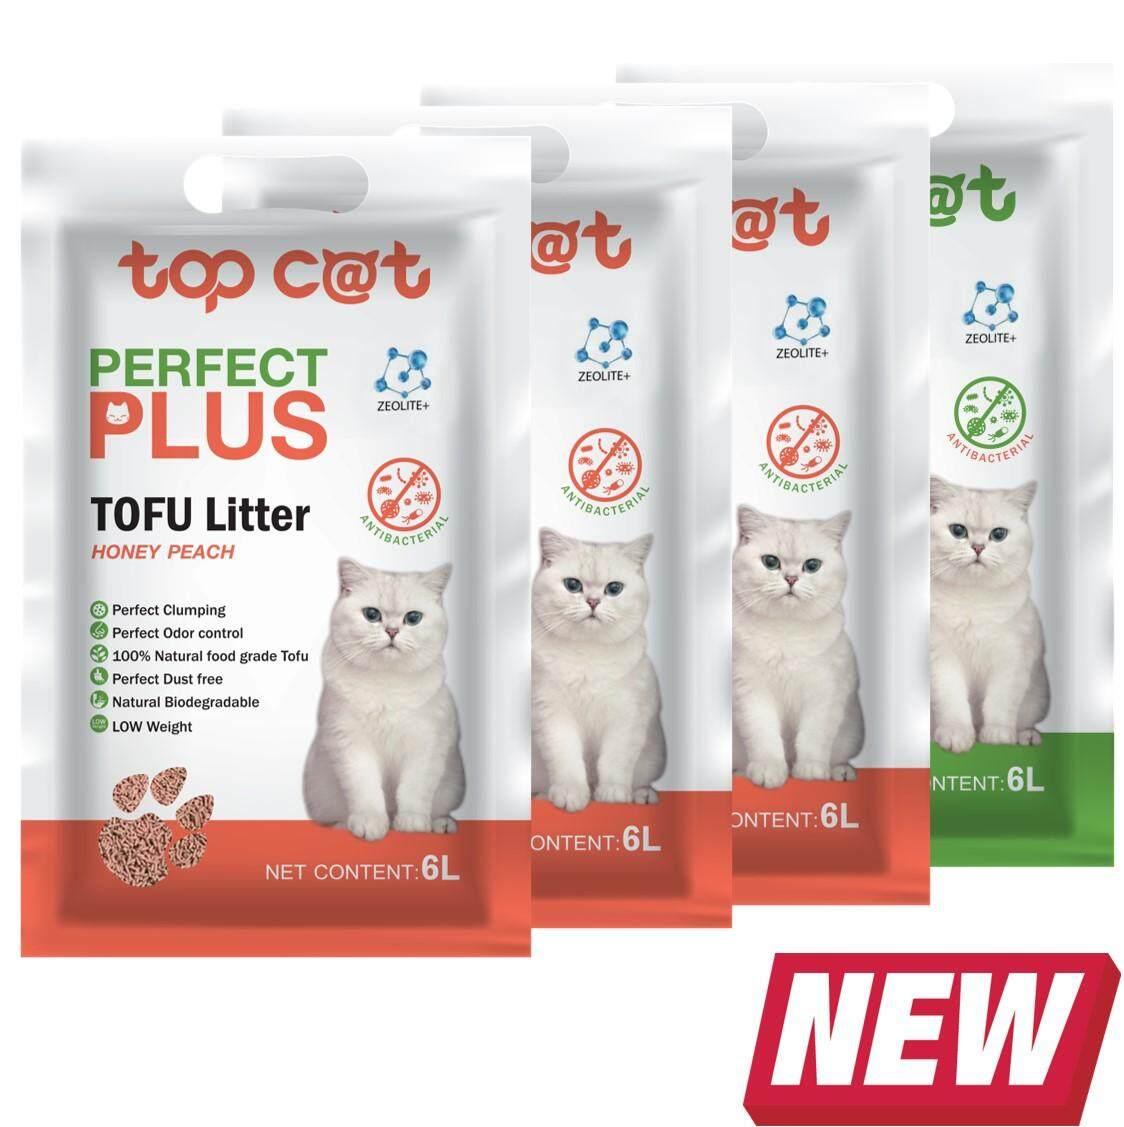 ทรายแมวเต้าหู้ Topcat Perfect Plus 6l กลิ่น Honey Peach 3 ถุง Greentea 1ถุง By Topcat.